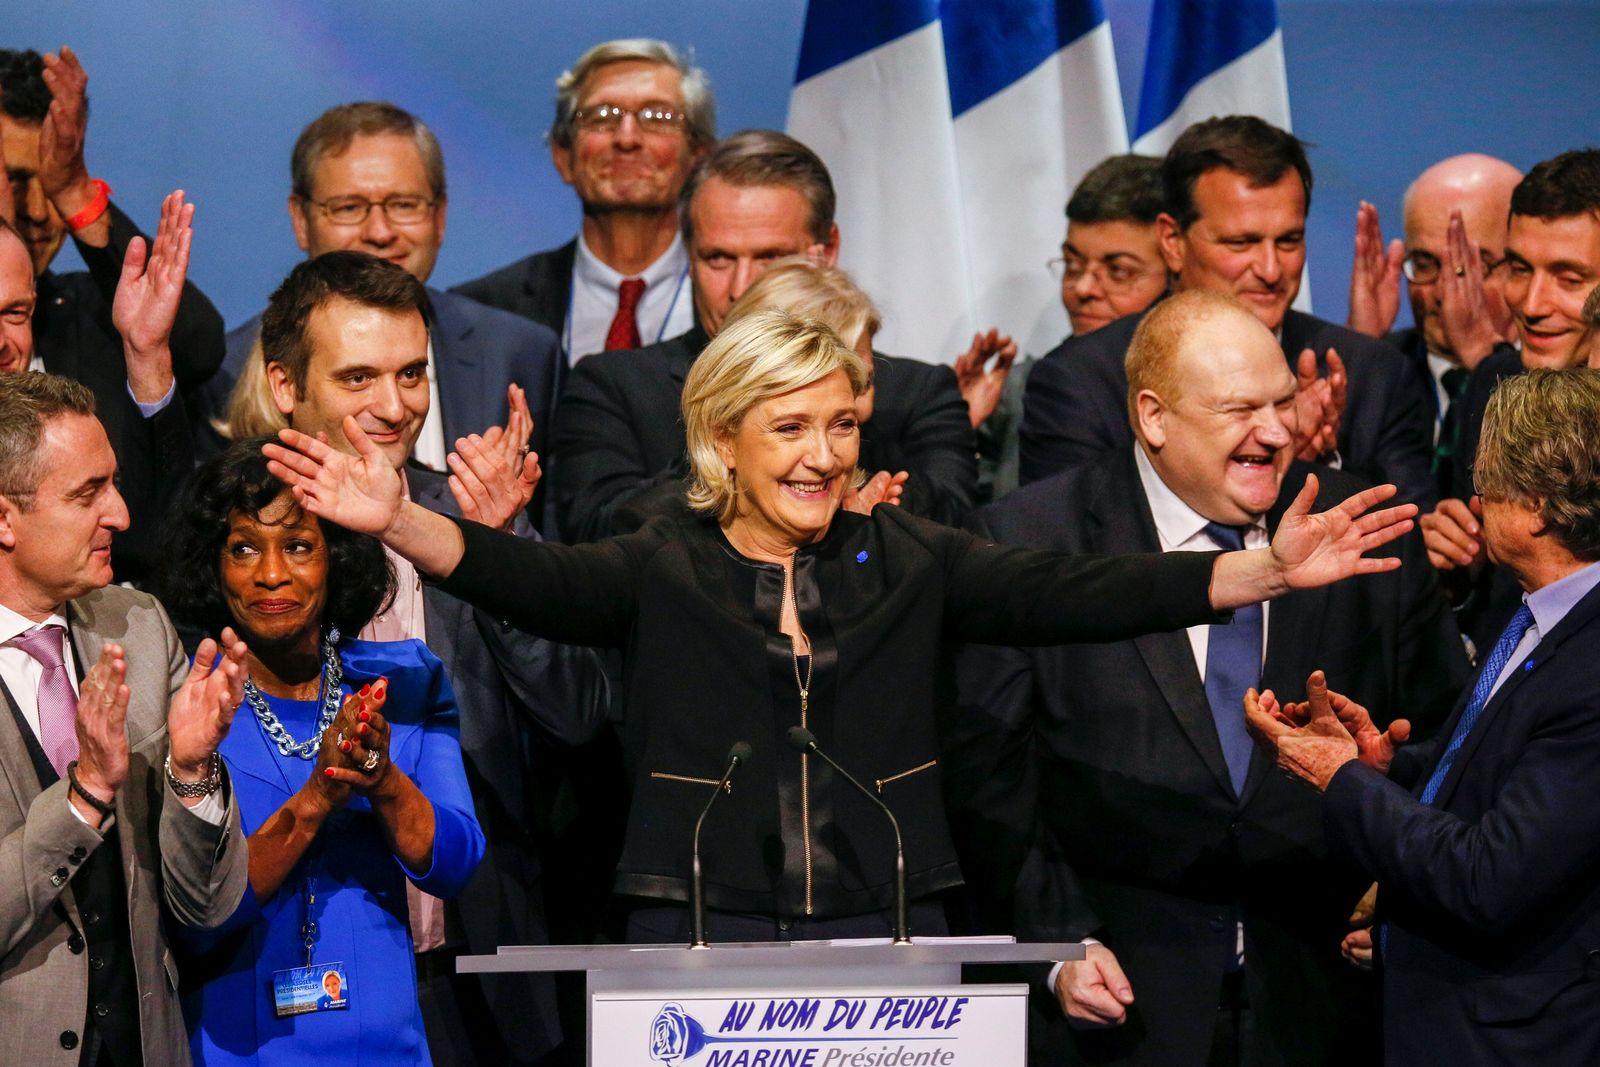 FRANCE-ELECTION/FN